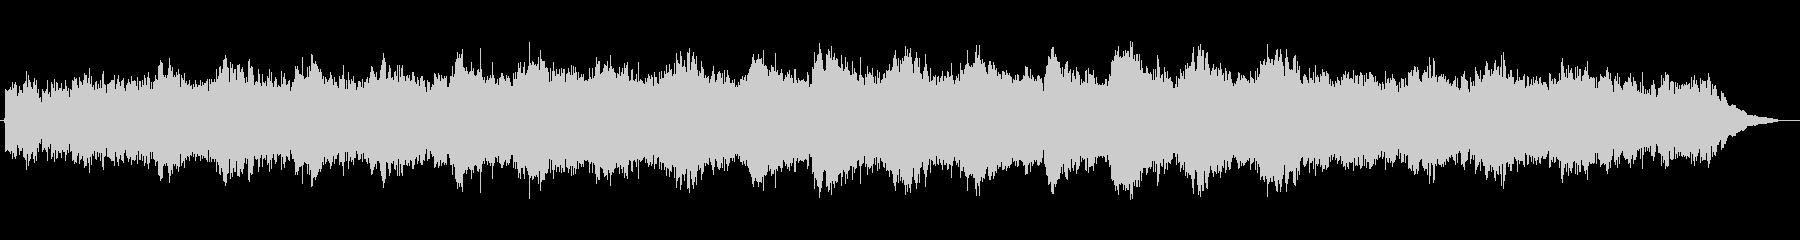 荘厳なシンセサイザーのインスト曲の未再生の波形